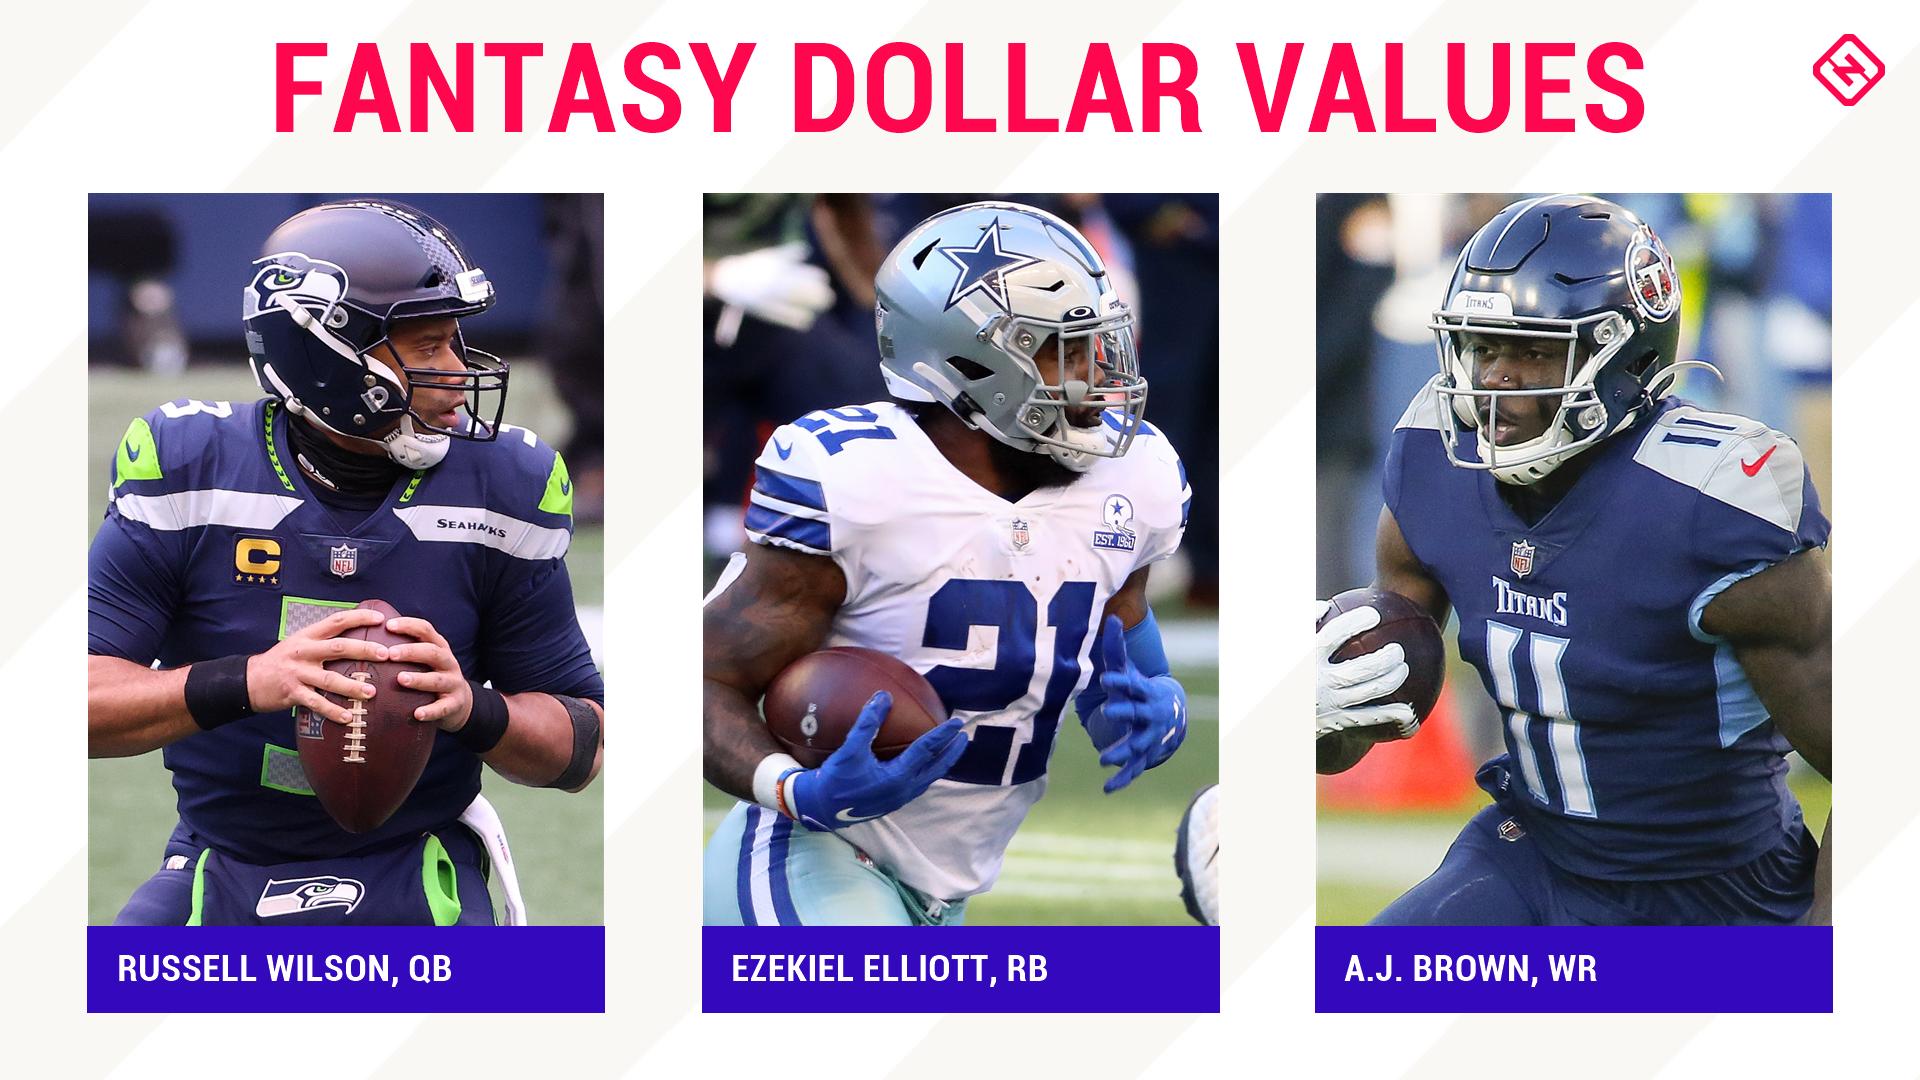 2021 fantasy dollar values